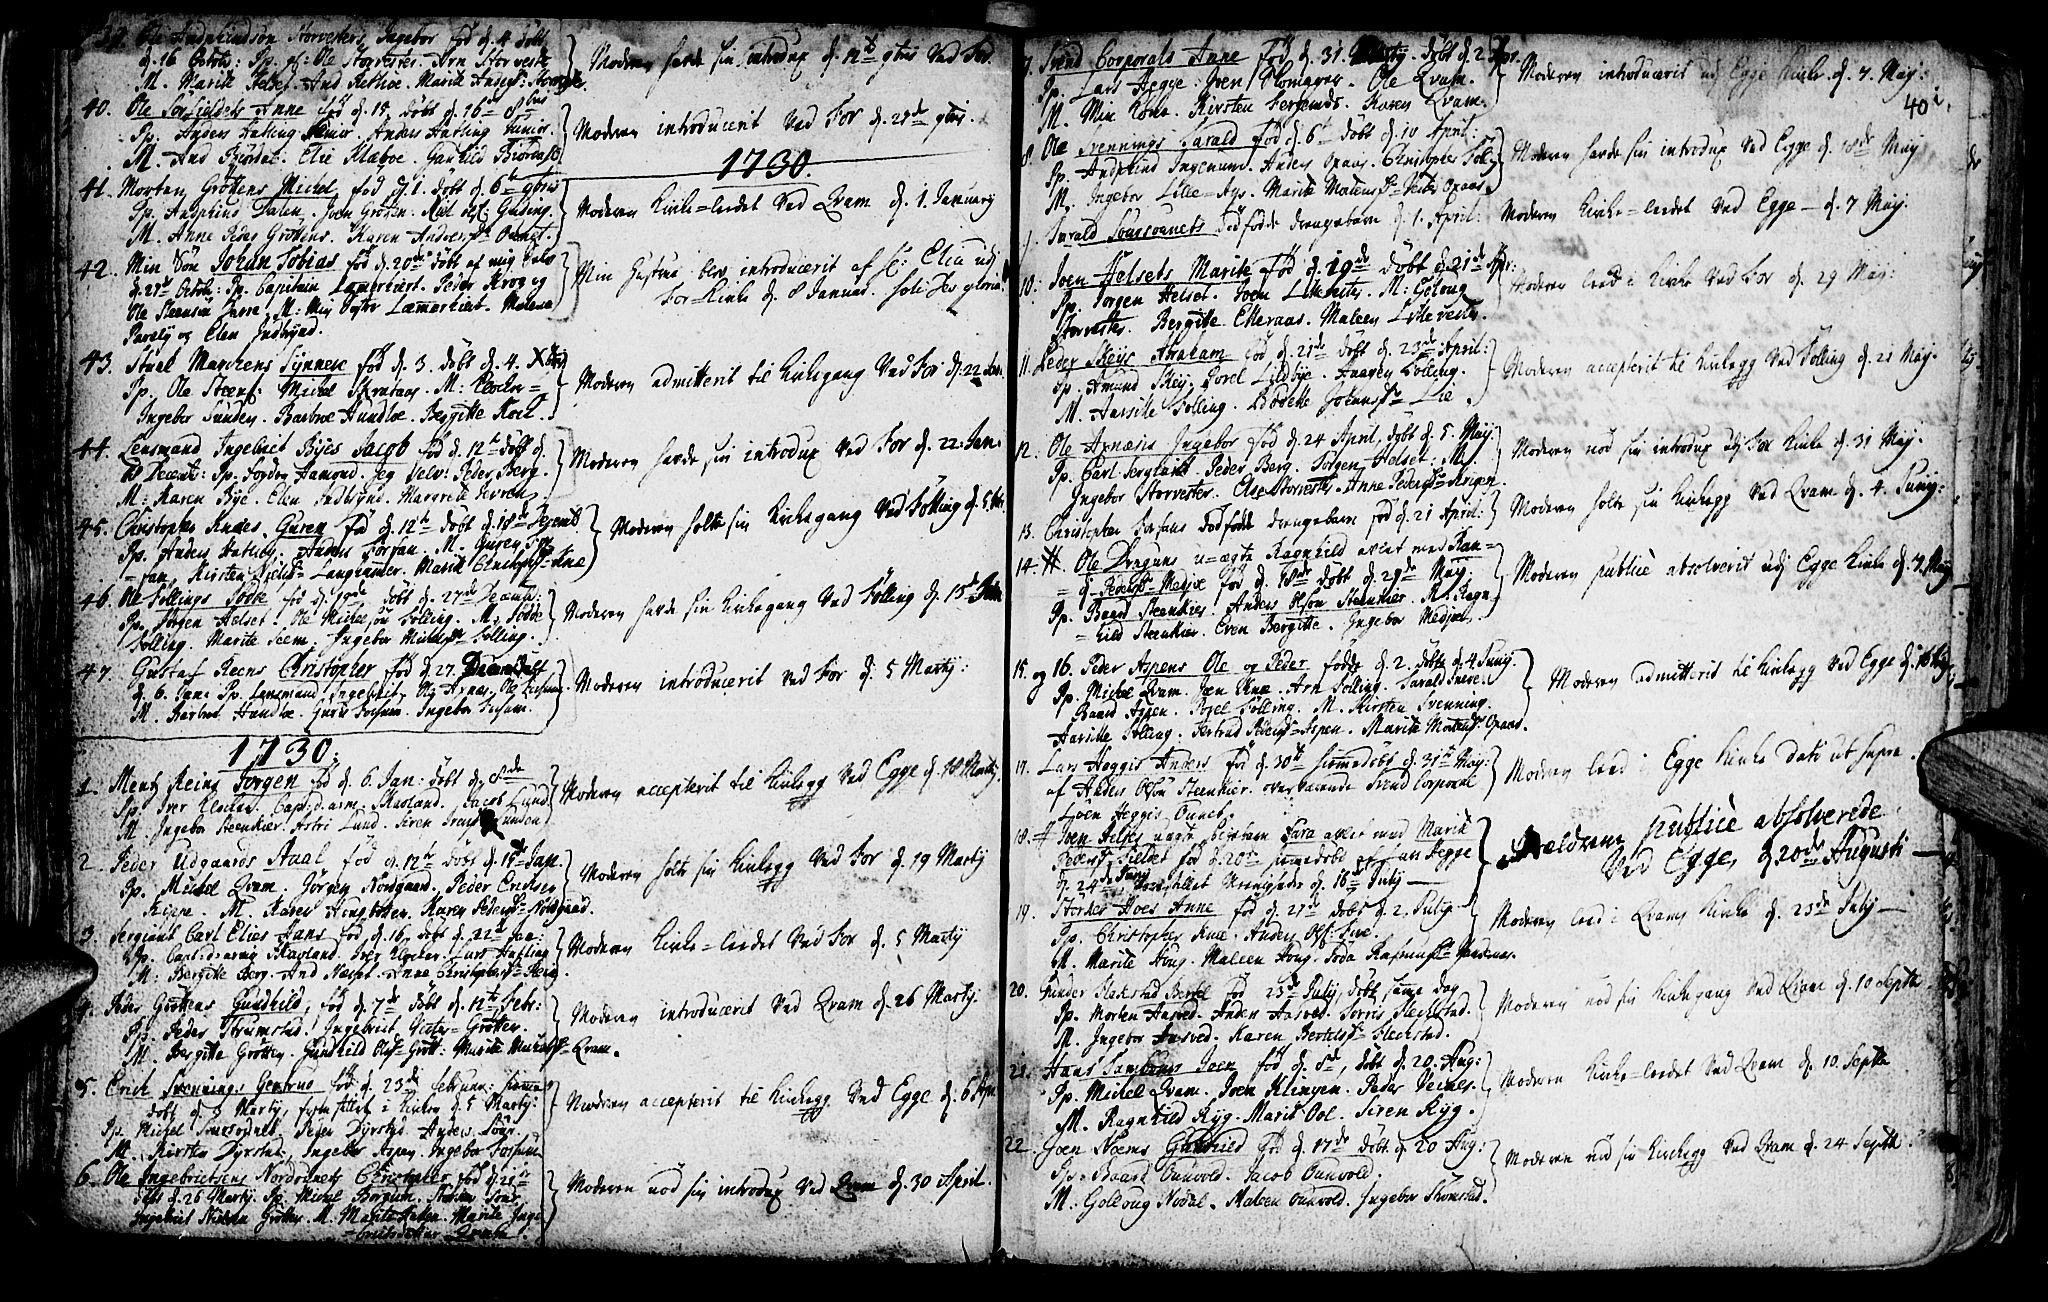 SAT, Ministerialprotokoller, klokkerbøker og fødselsregistre - Nord-Trøndelag, 746/L0439: Ministerialbok nr. 746A01, 1688-1759, s. 40j